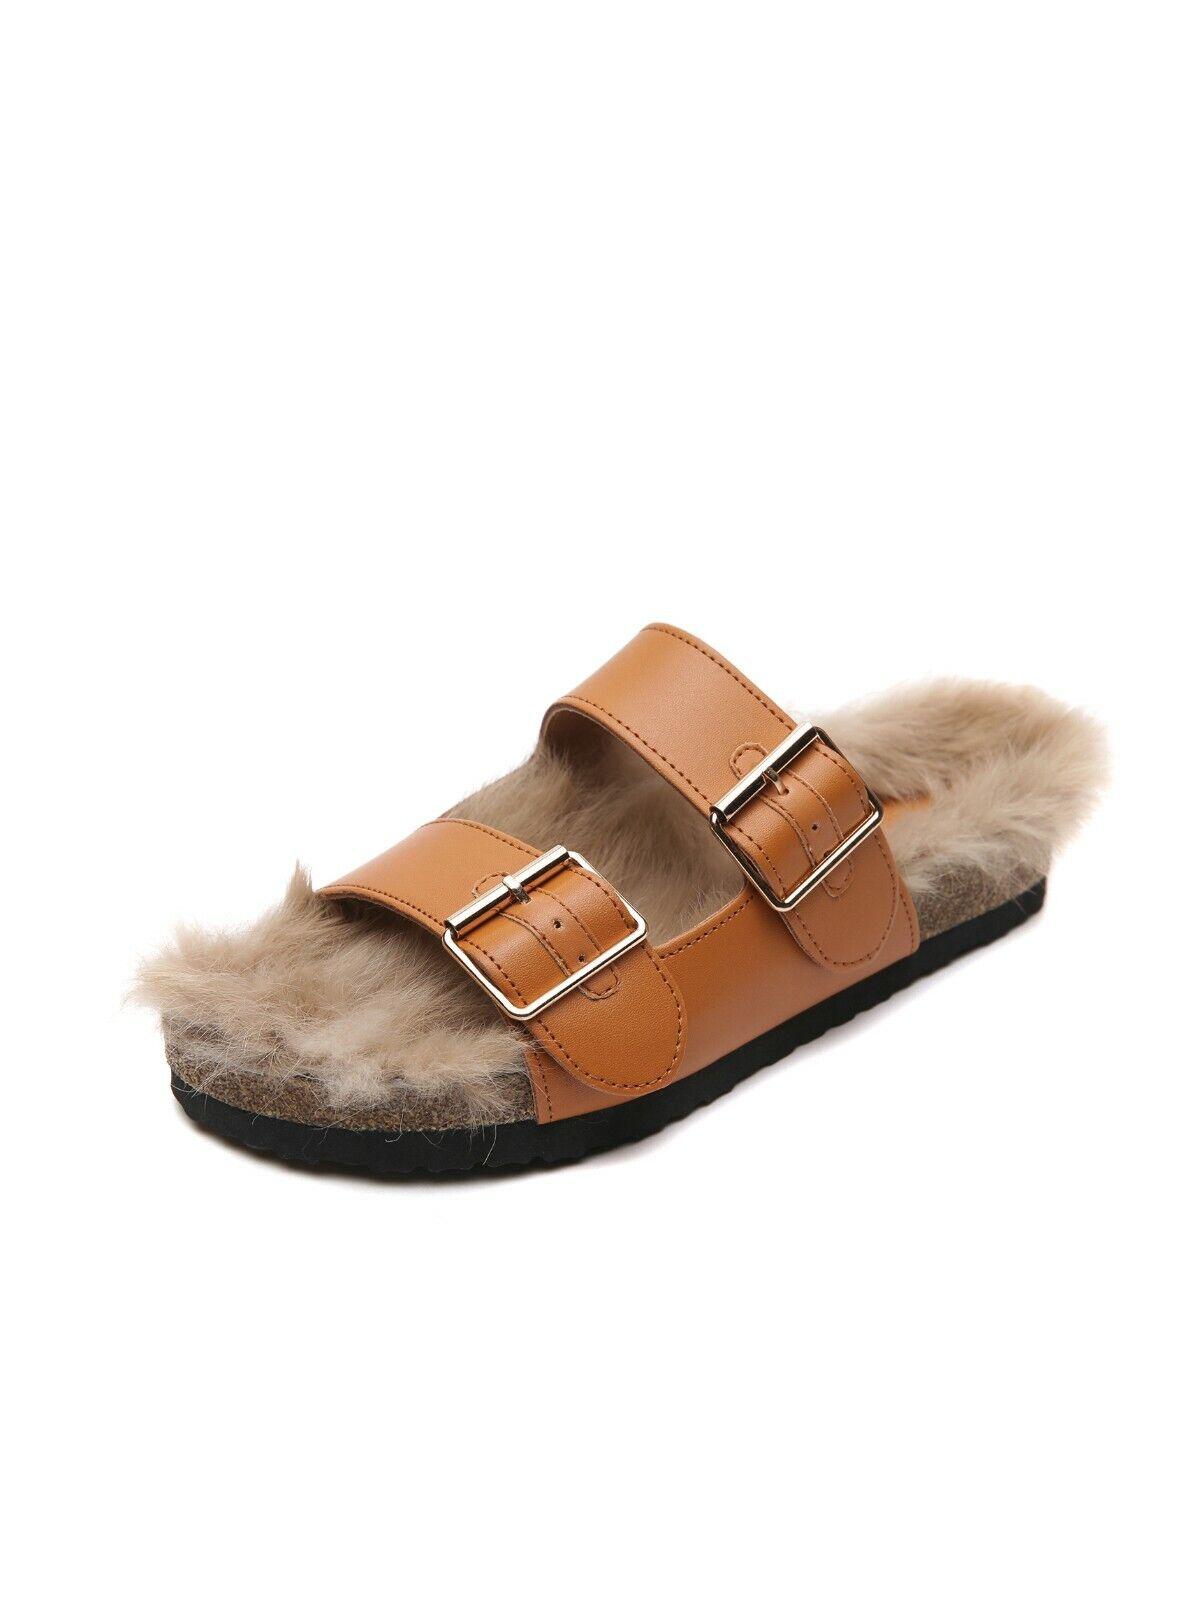 Stiefel Hausschuhe Winter Beige Weich Heiß Pelz Leder Kunststoff 9572